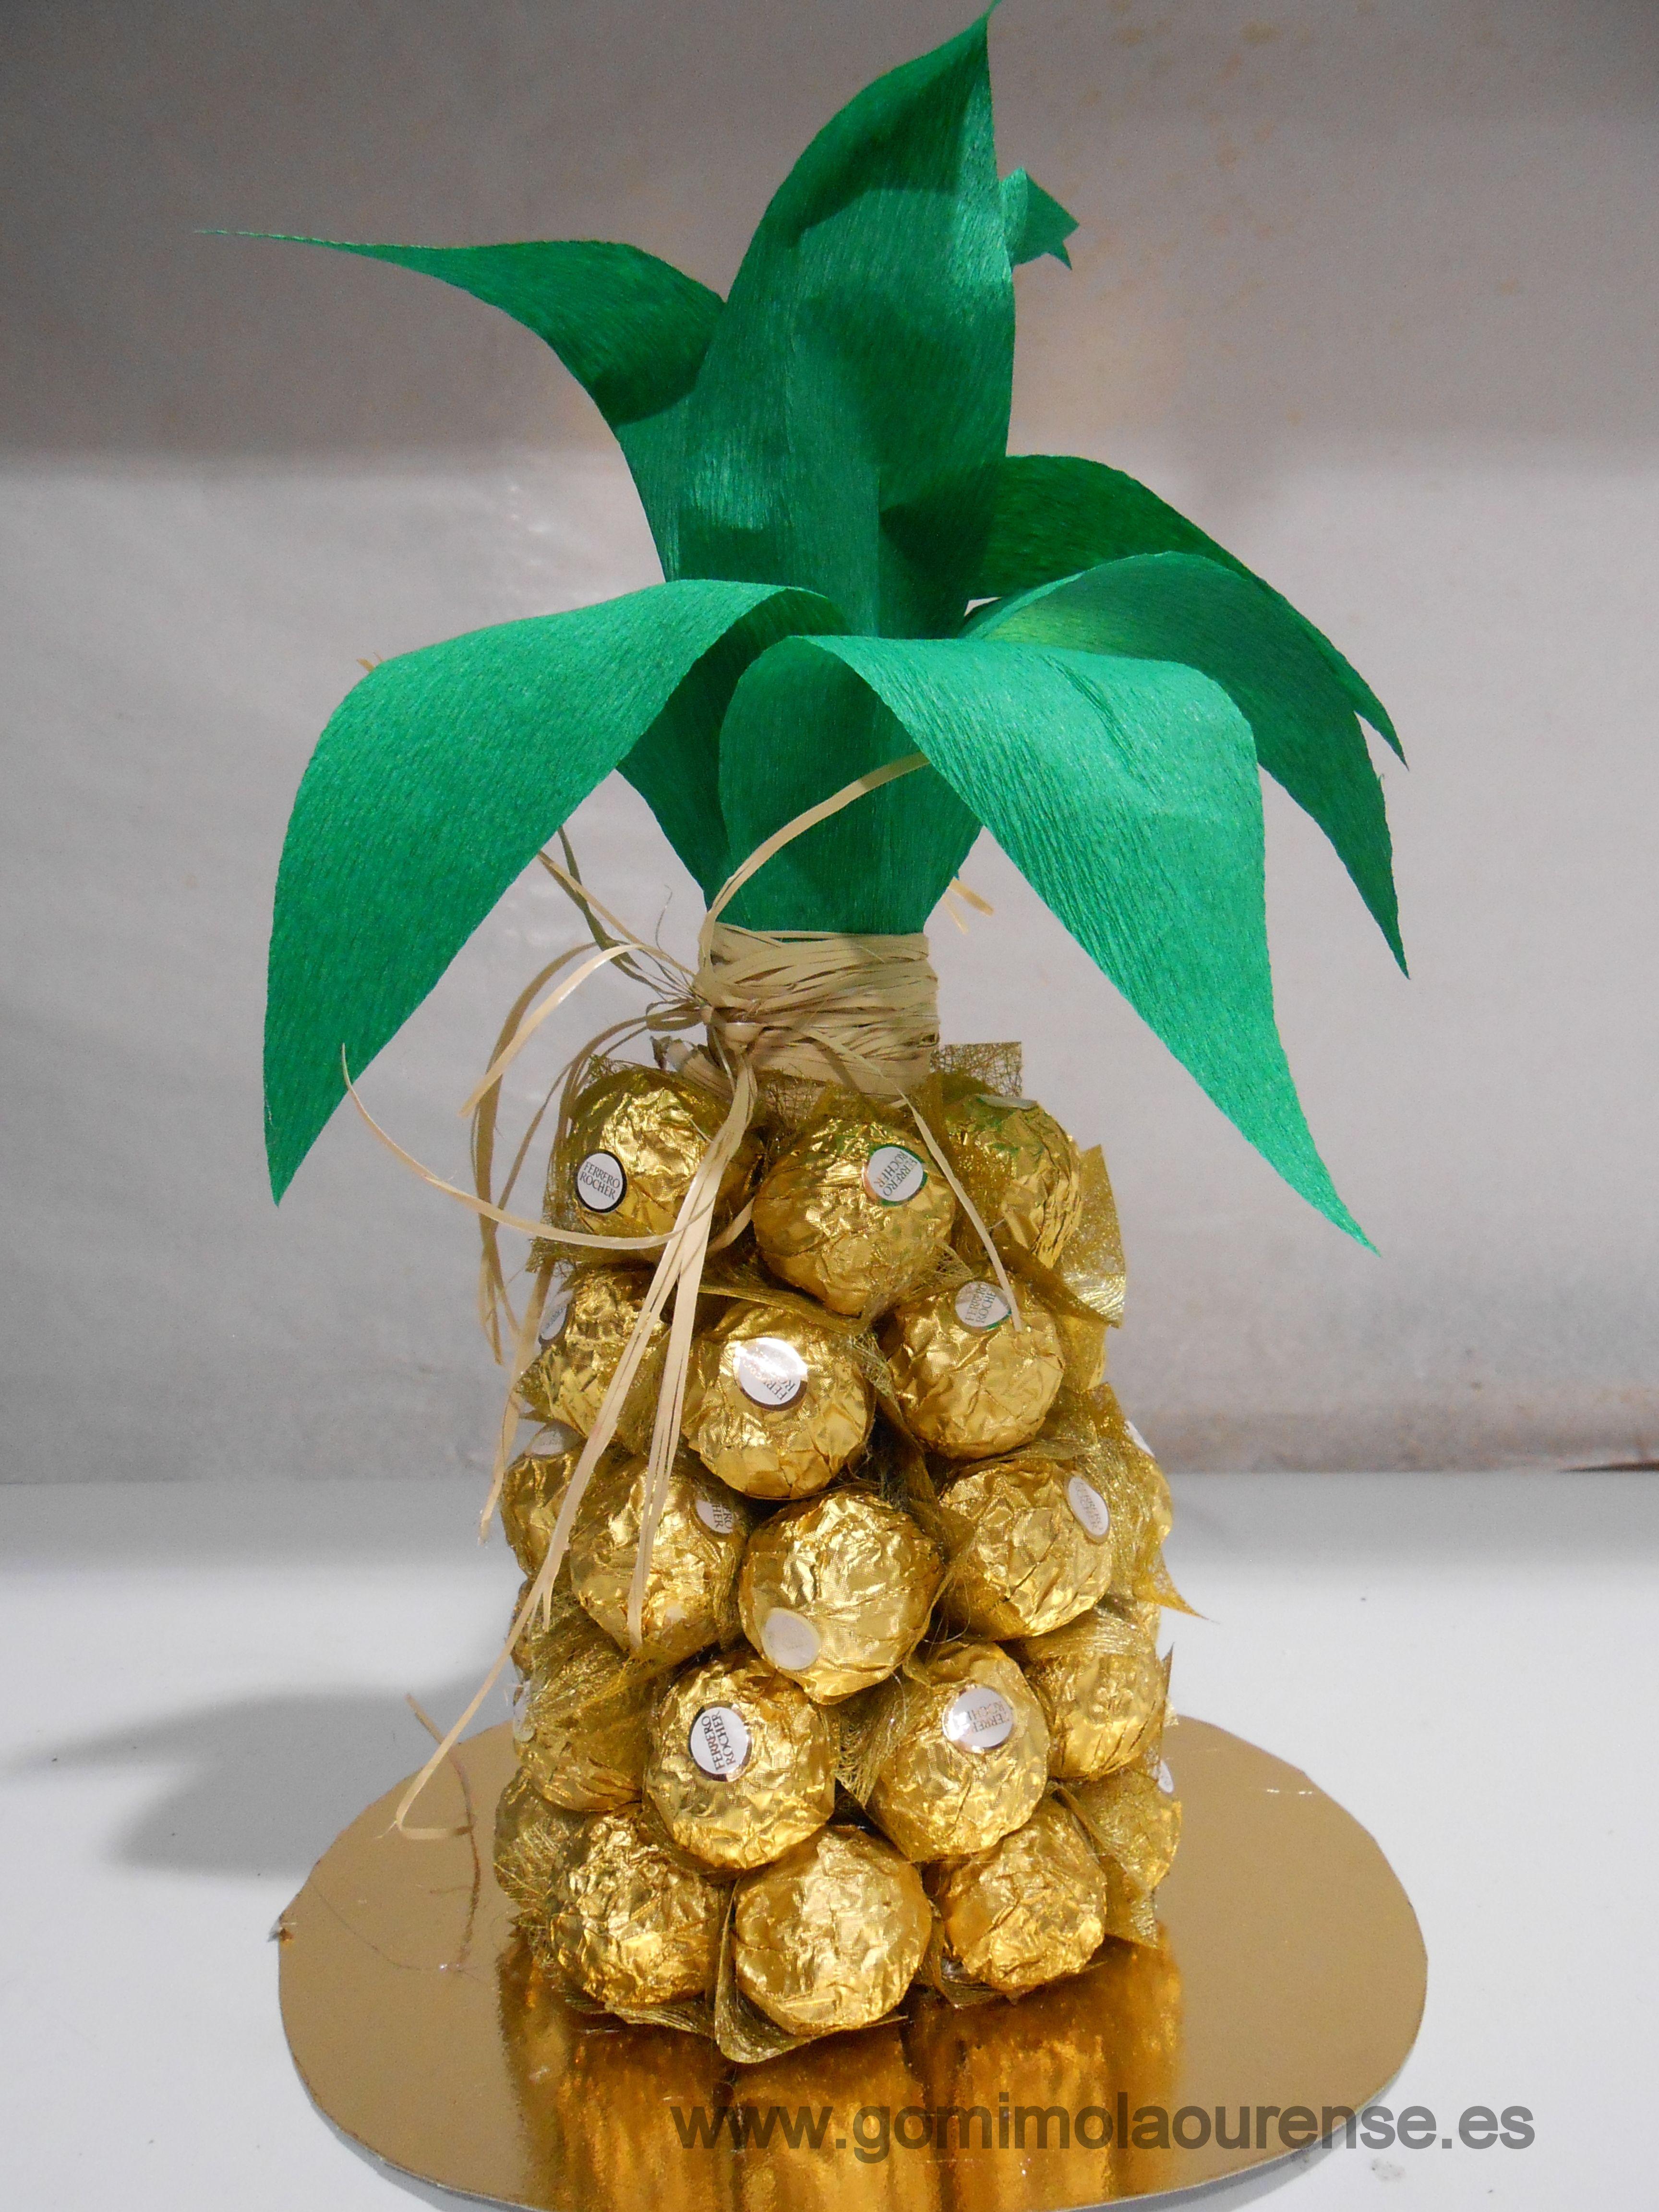 Especial centro de mesa de navidad pi a de bombones - Centros de mesa con pinas ...